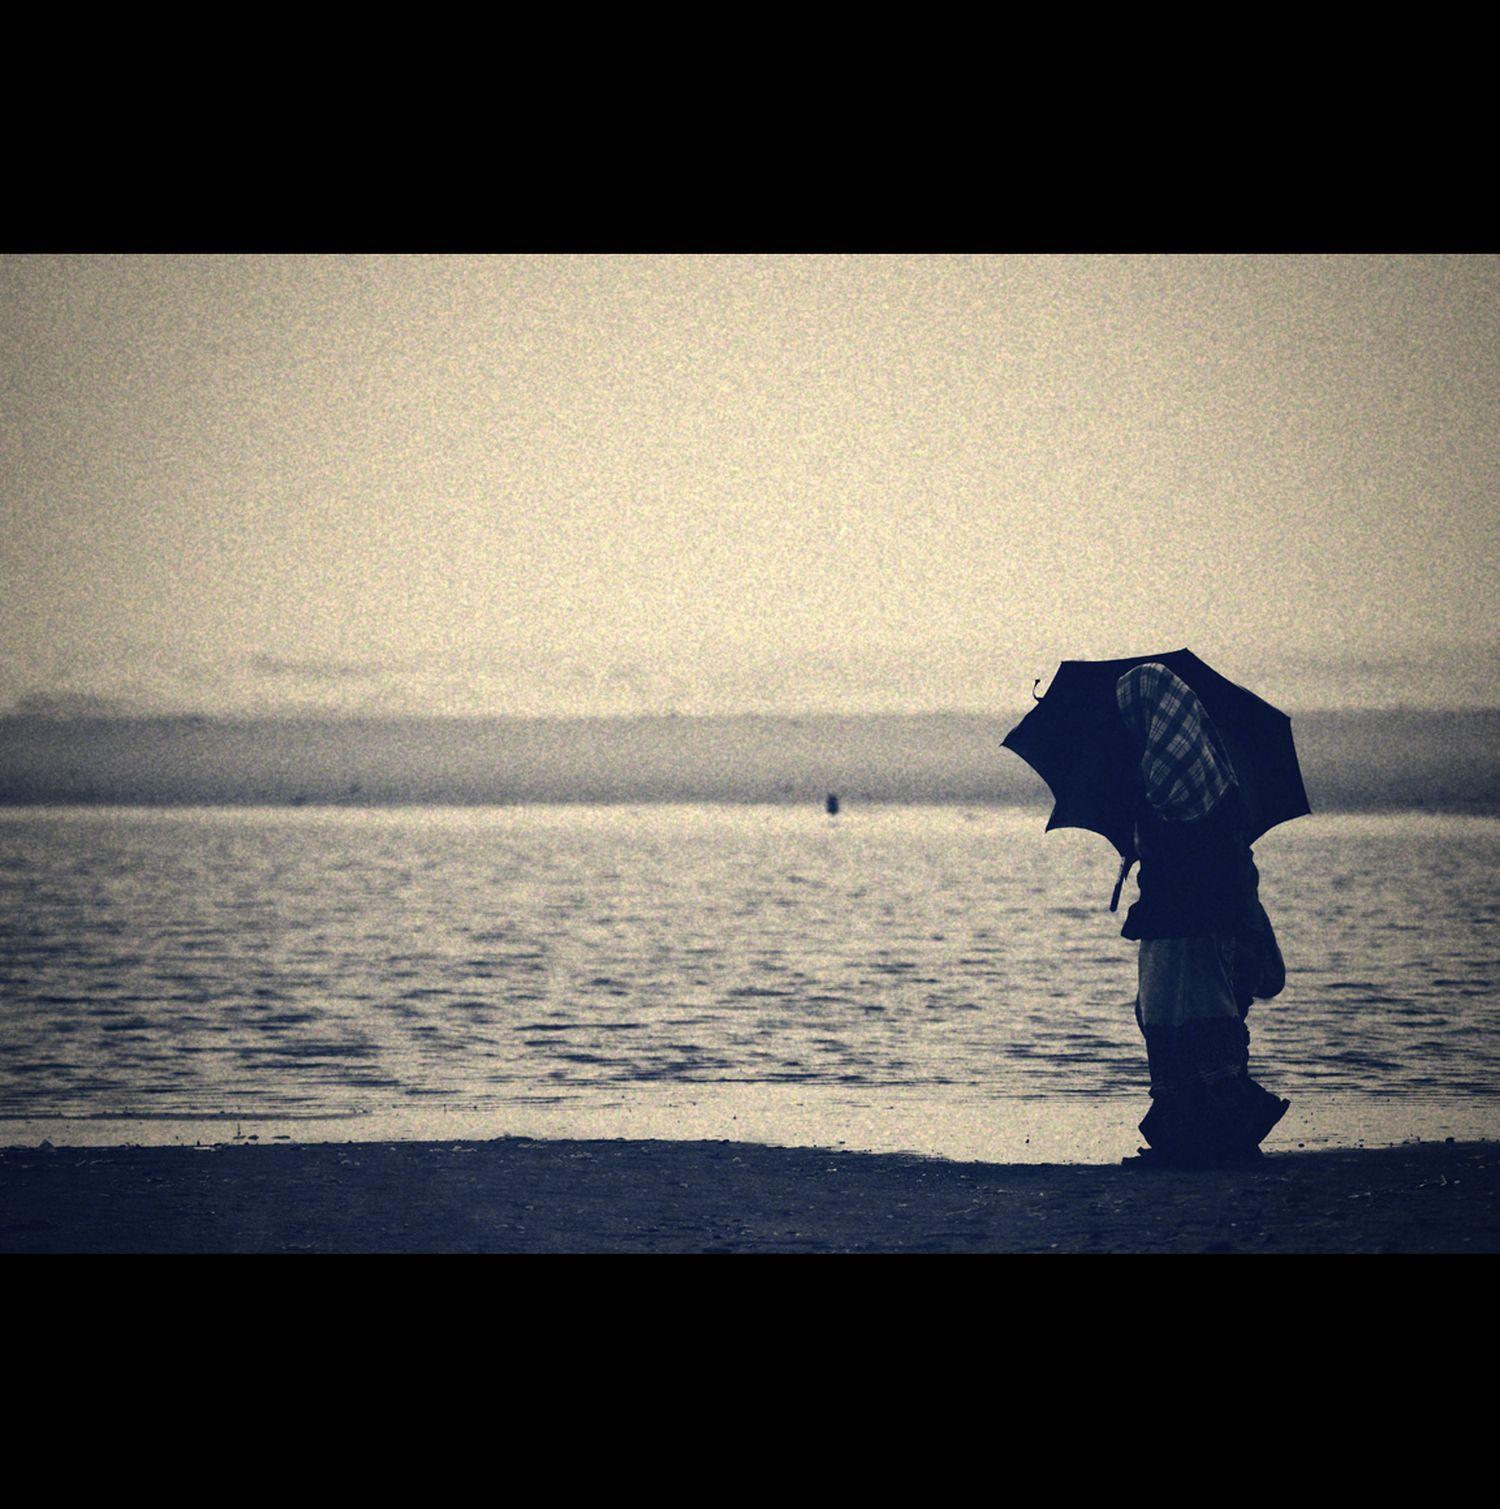 夢的追尋與人身的脫離──讀《我的肚腹裡有一片海洋》